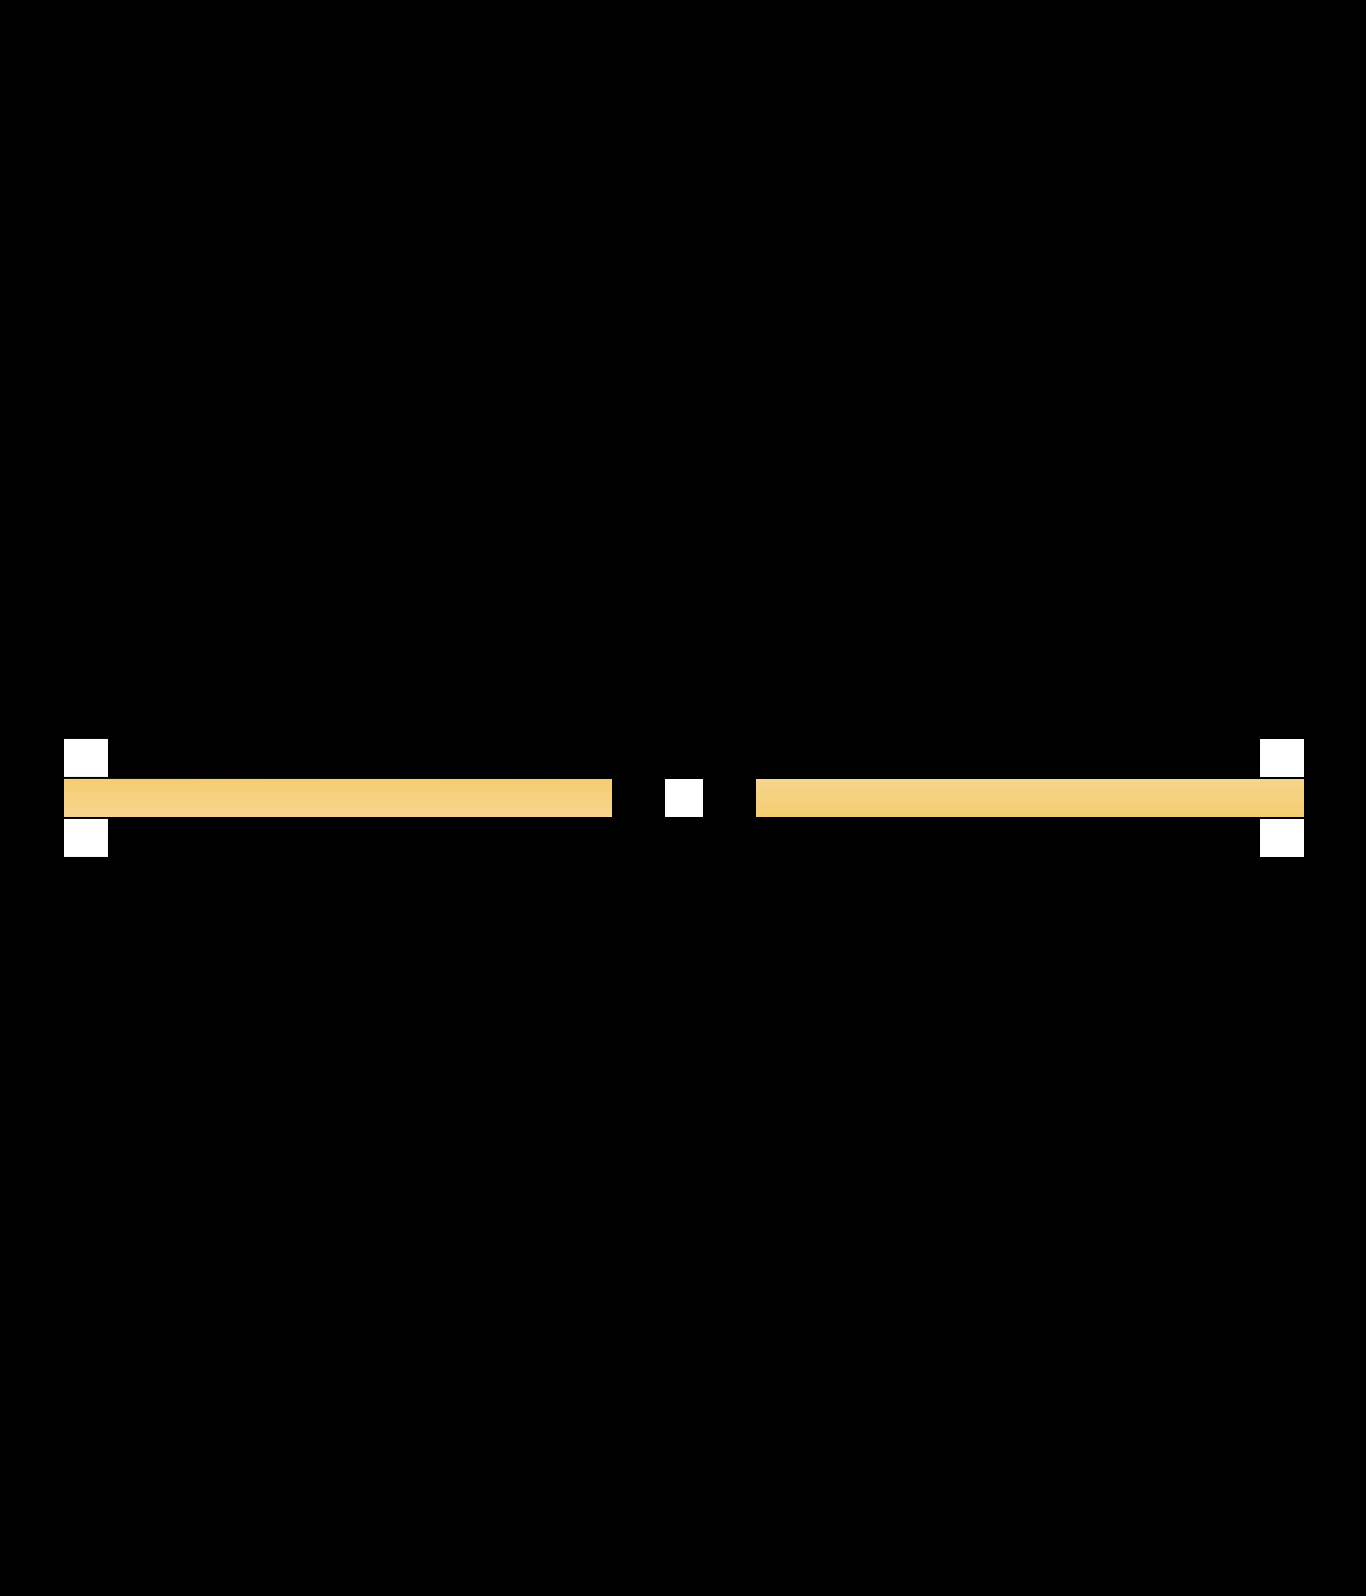 isolation-pixel-static-59